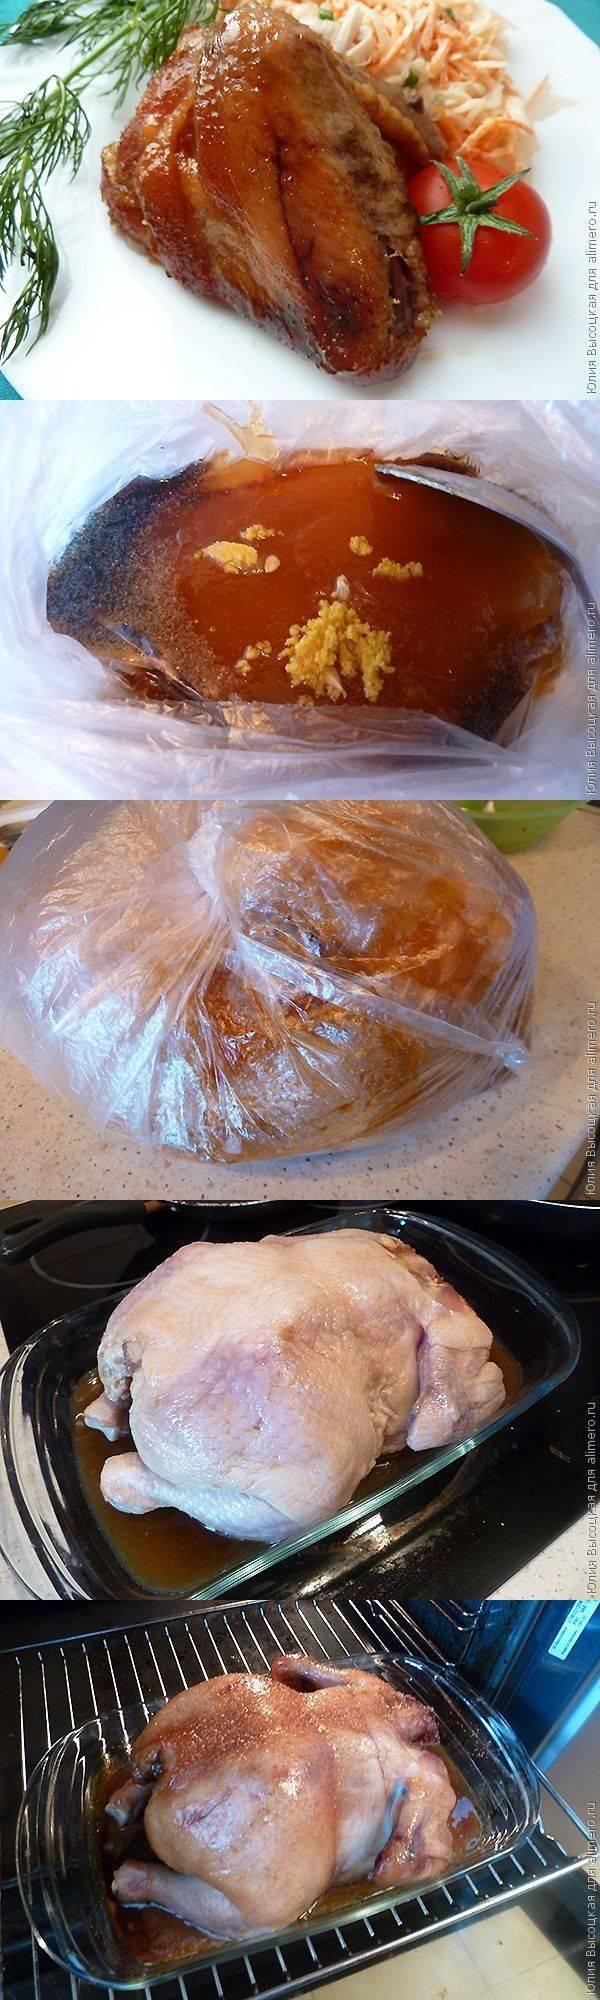 Кисло сладкий маринад для курицы рецепт